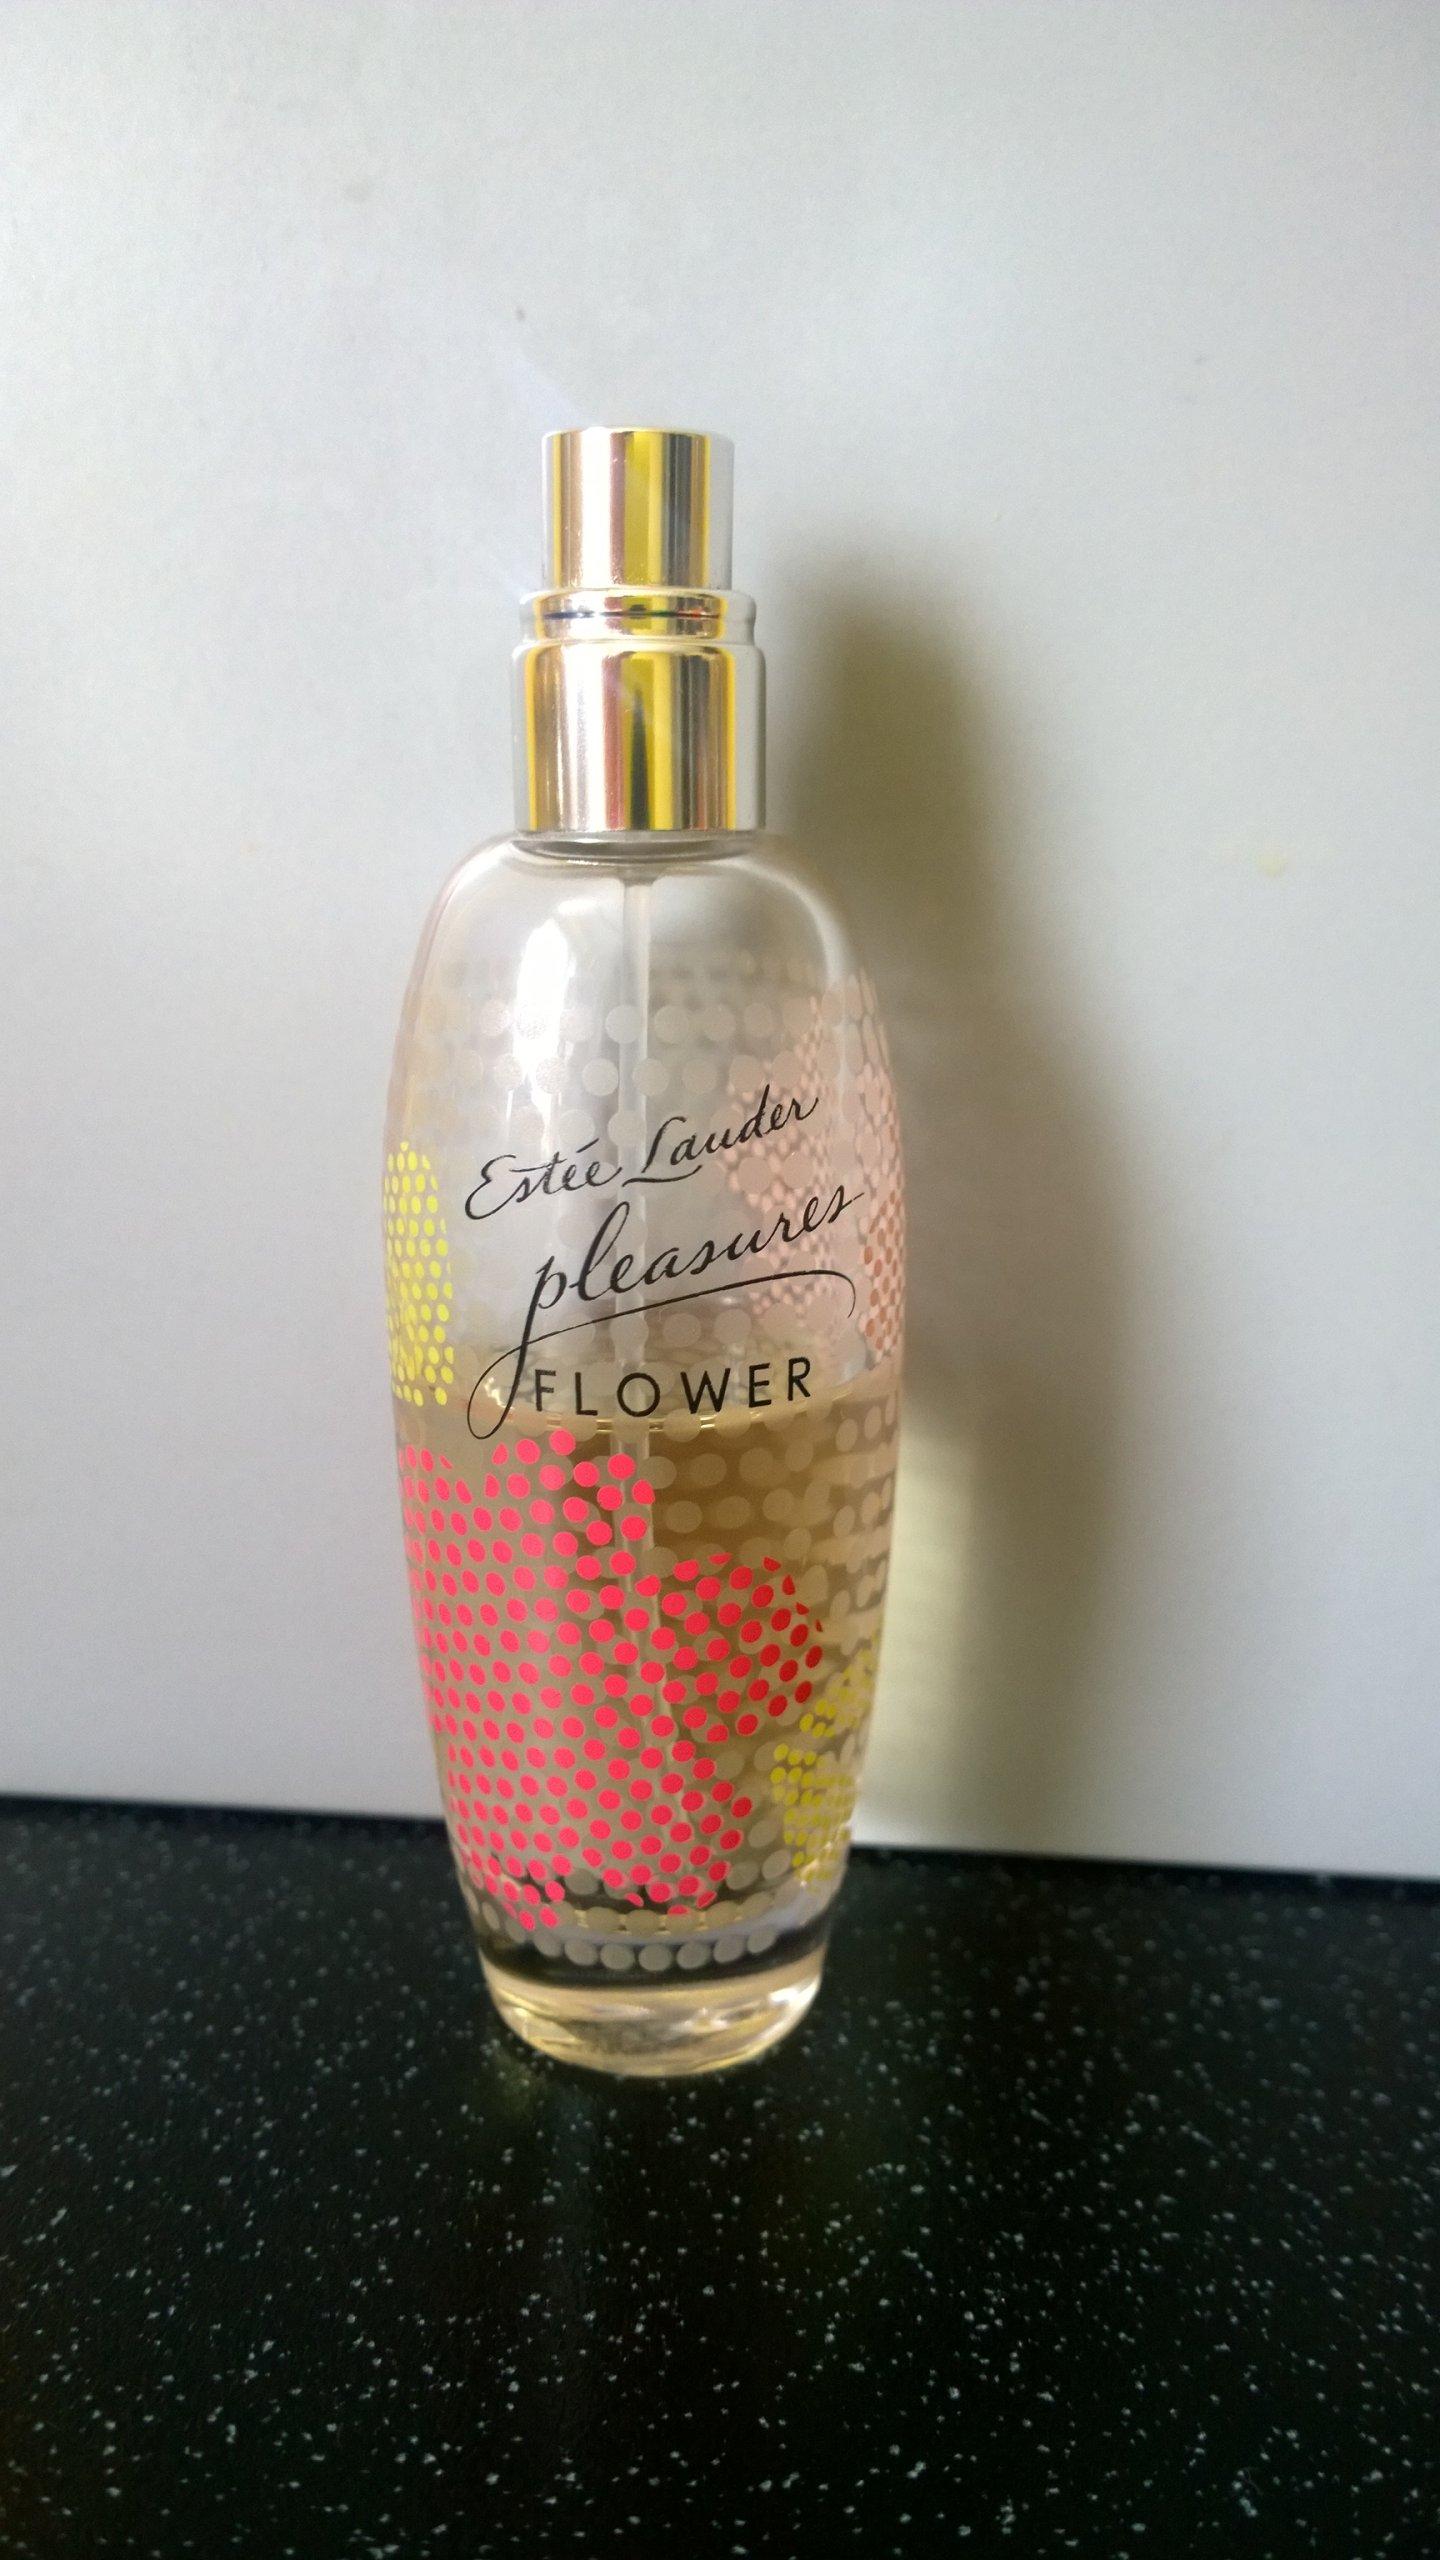 Estee Lauder Pleasures Flower Edp 7178450844 Oficjalne Archiwum Intense For Women 100ml